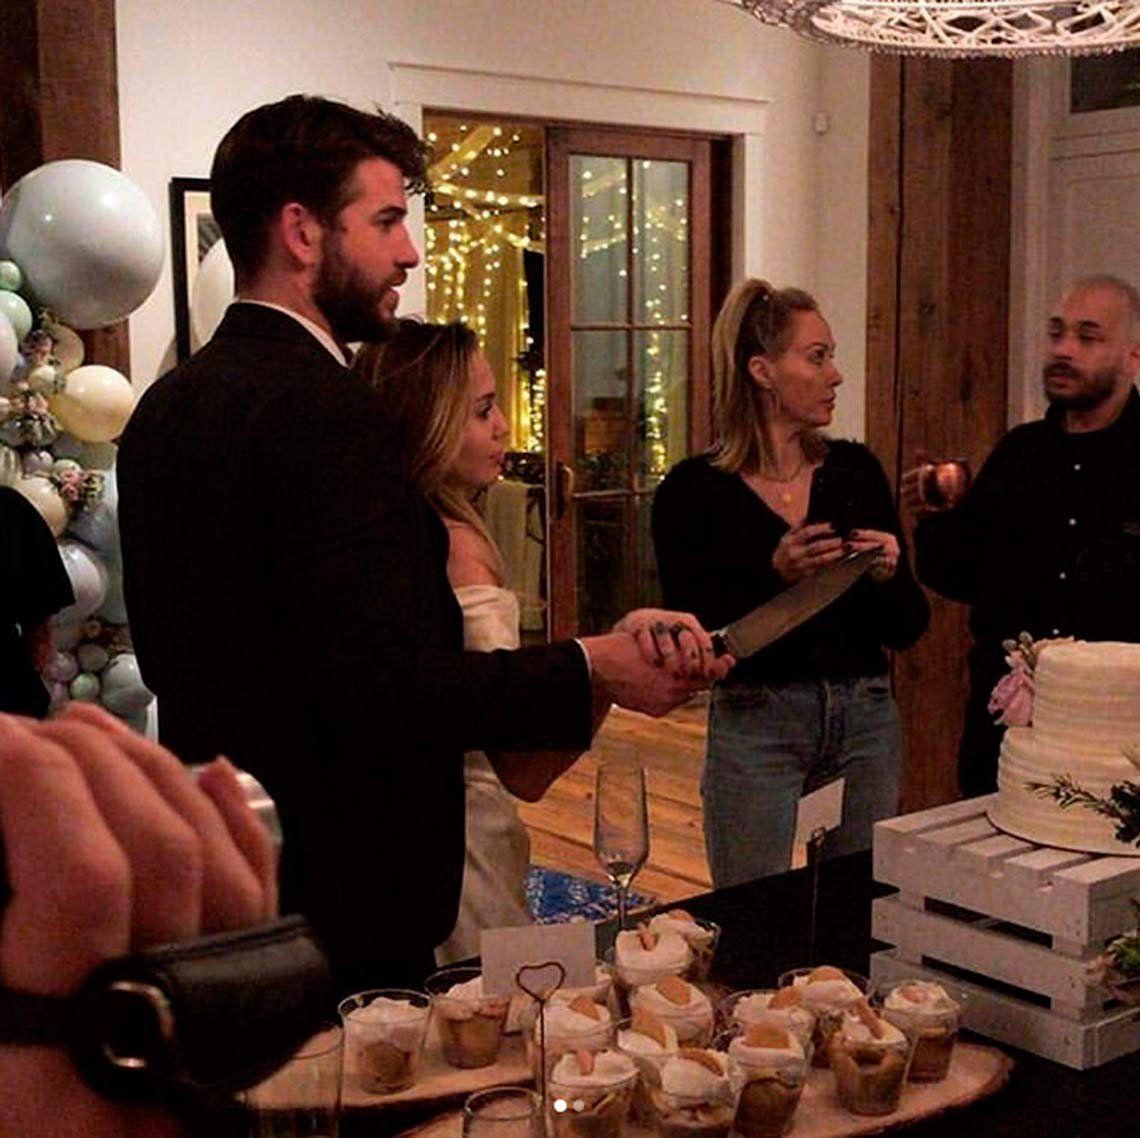 A sólo 8 meses de la boda, se separaron Miley Cyrus y Liam Hemsworth